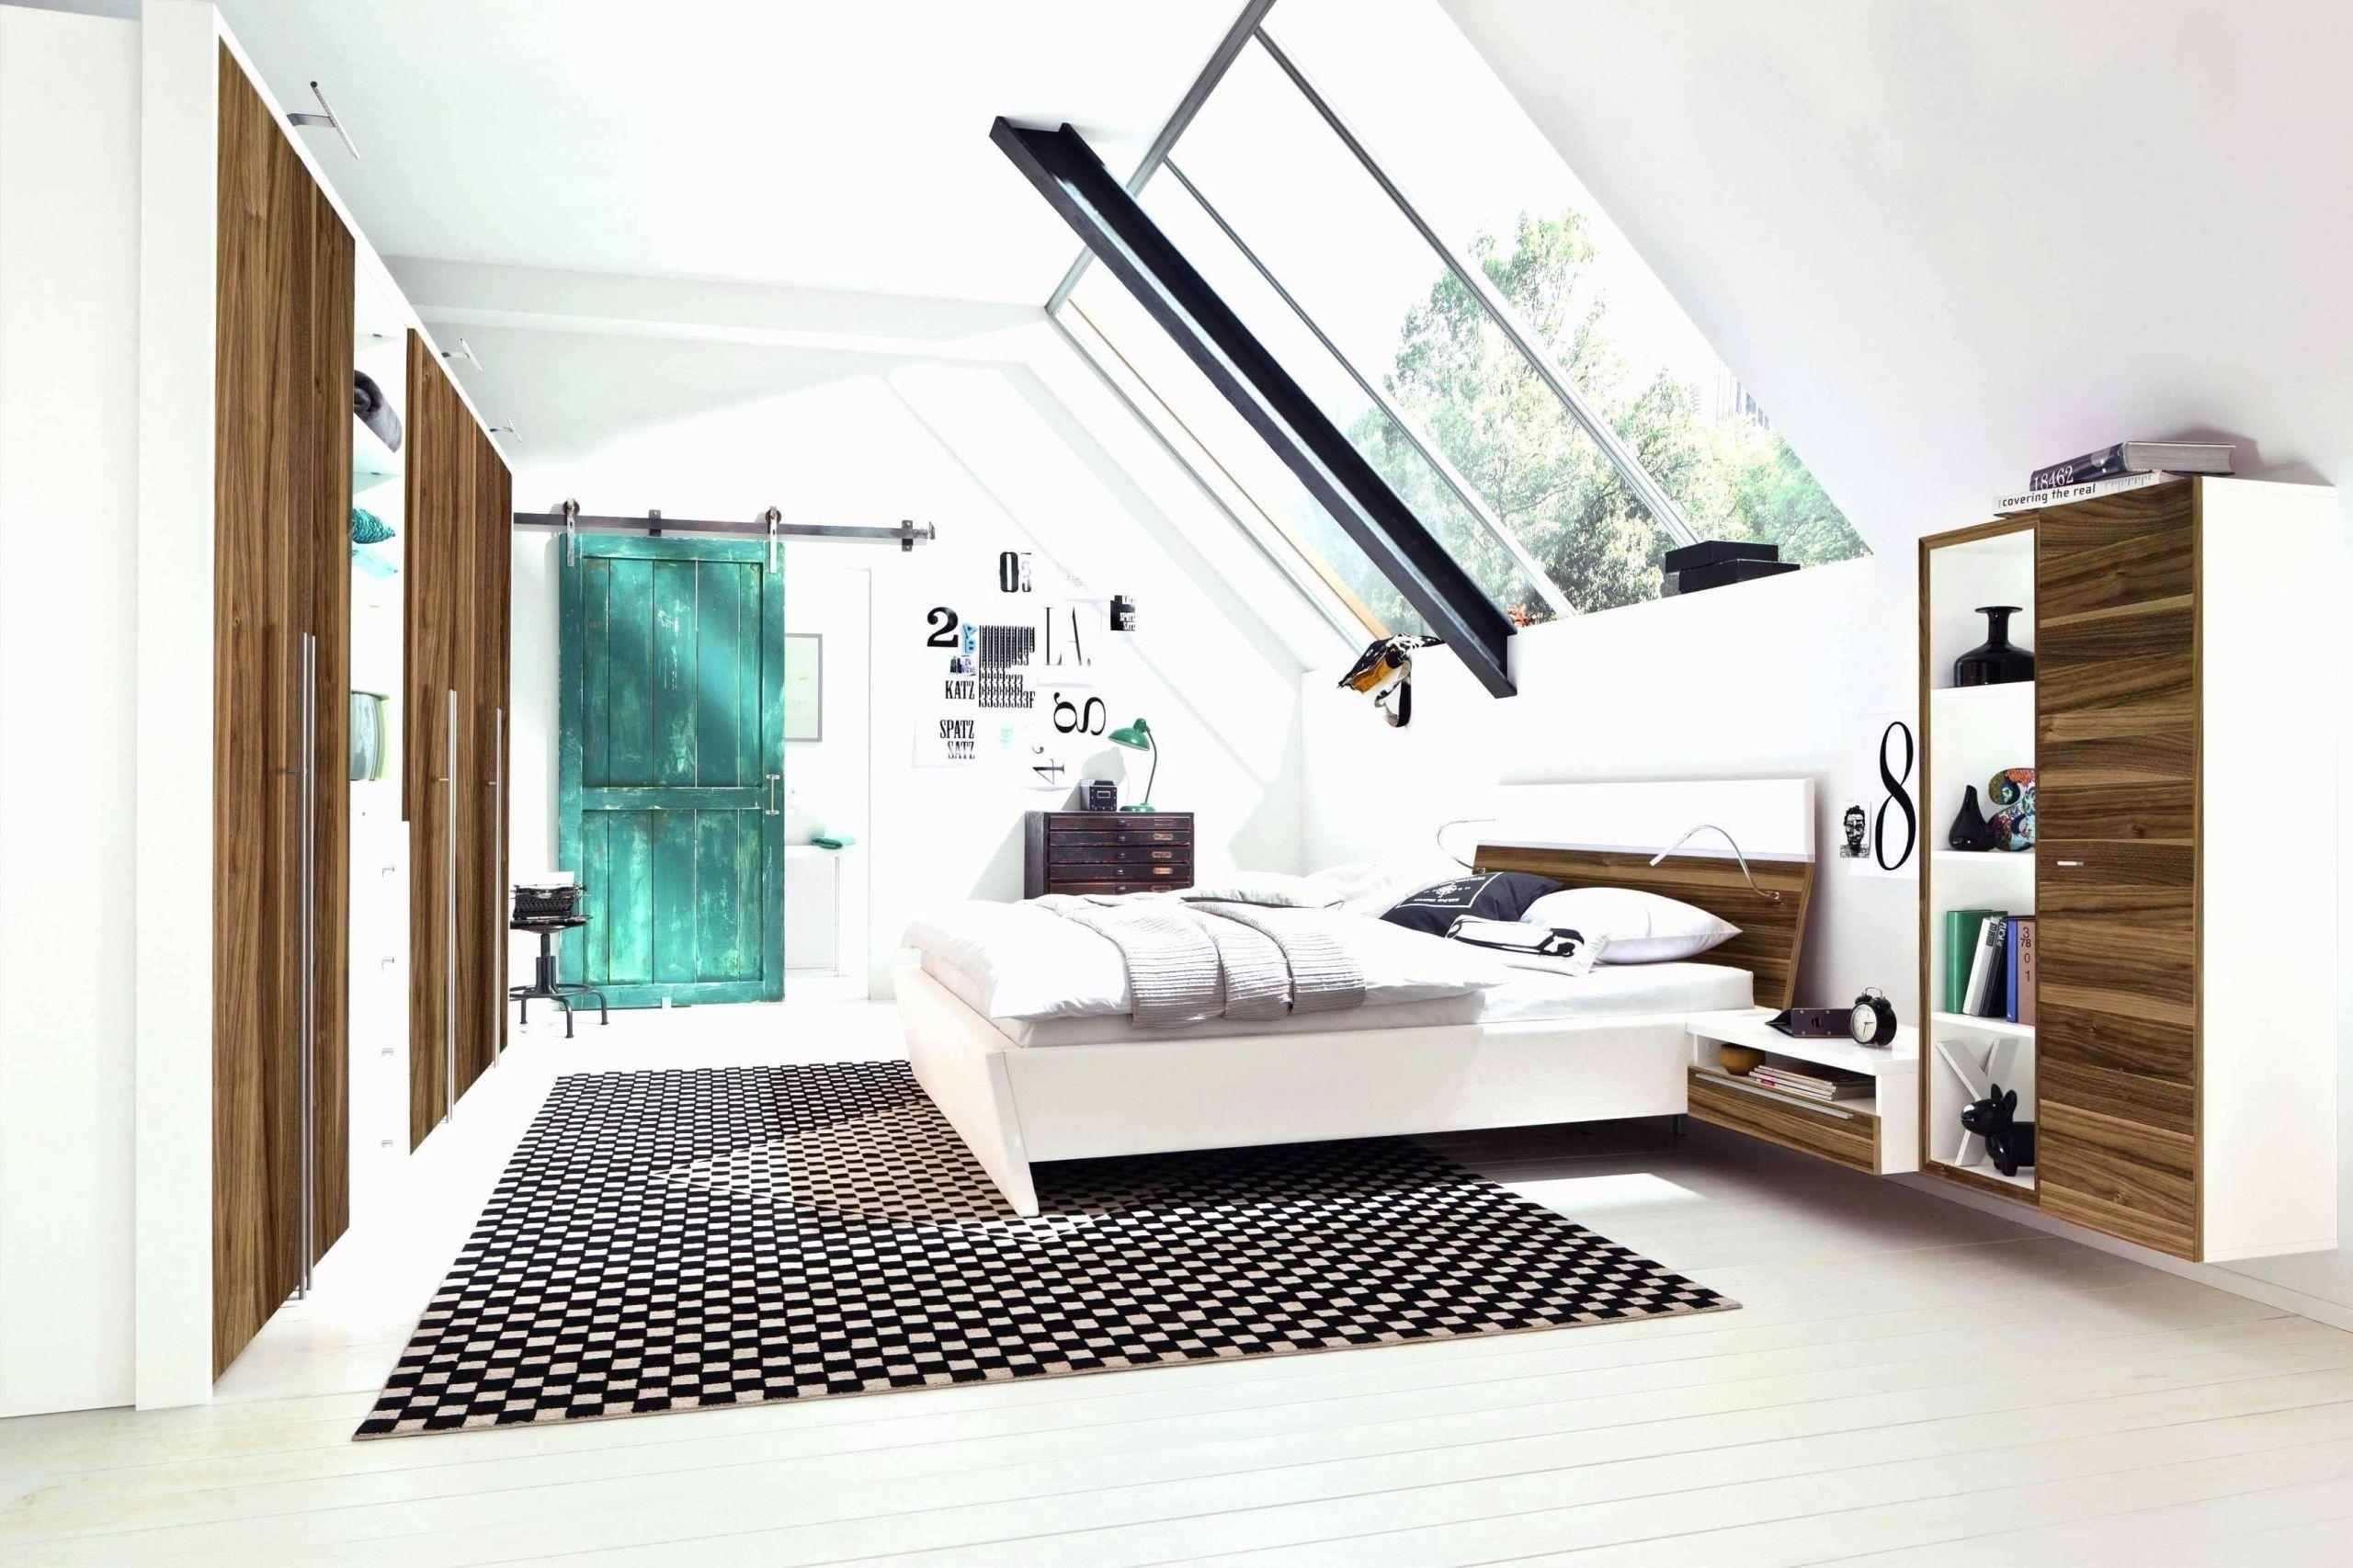 dekoration wohnzimmer regal luxus 35 einzigartig inspiration schlafzimmer of dekoration wohnzimmer regal scaled